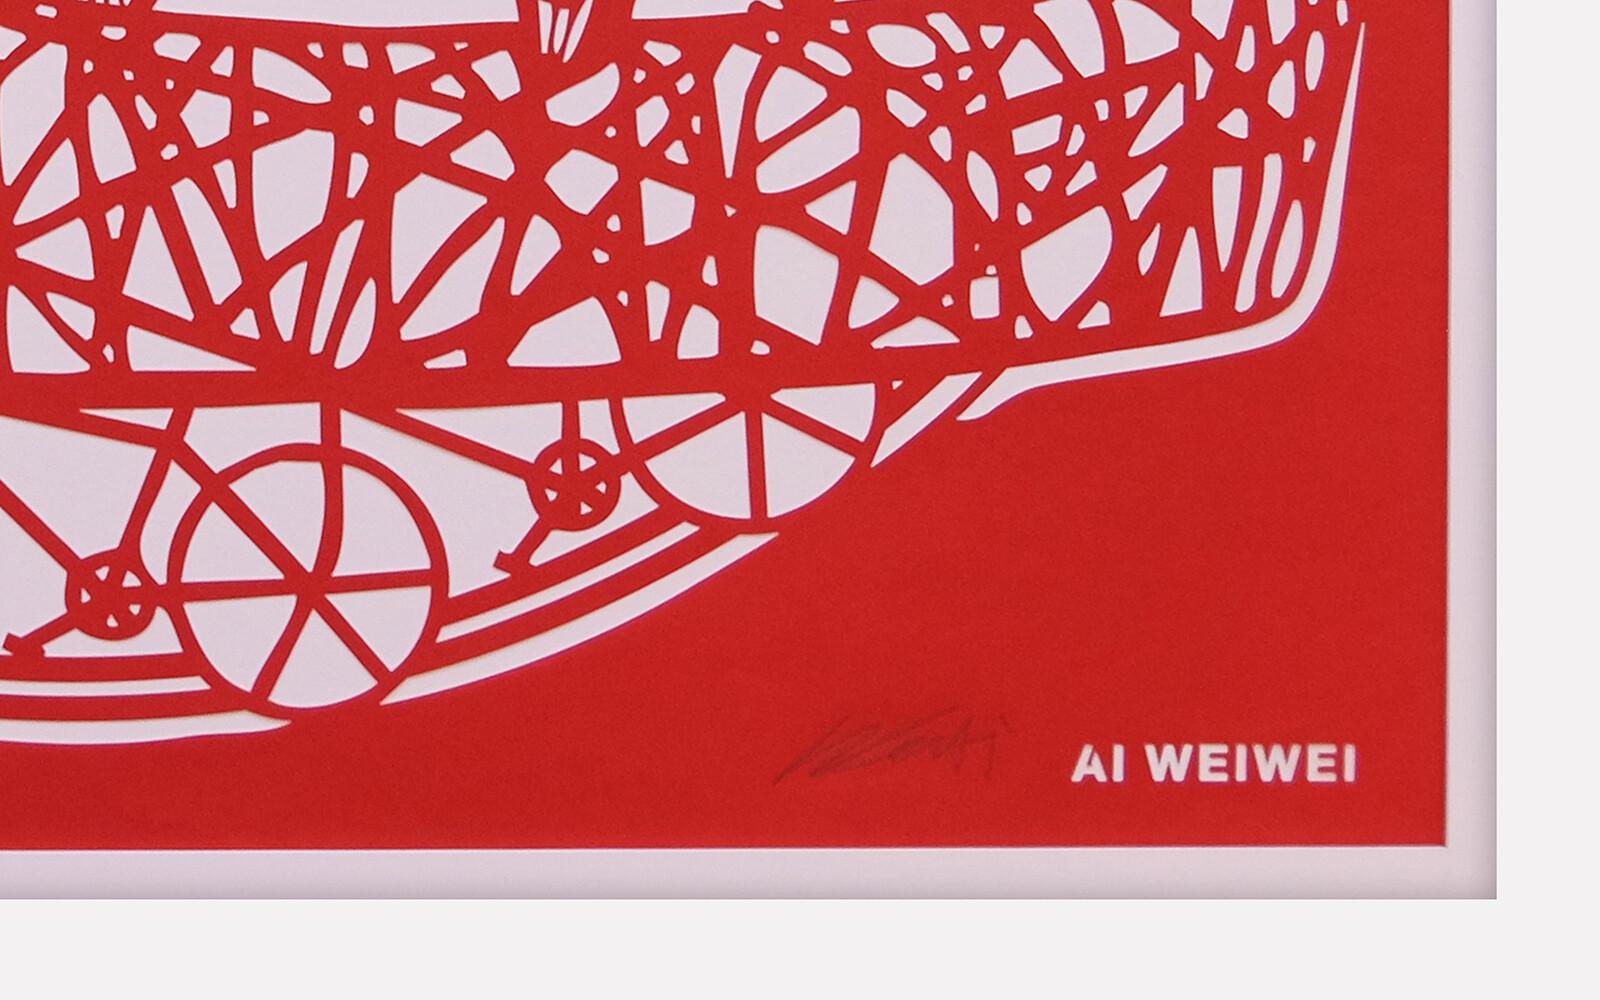 MAP OF CHINA - Ai Weiwei